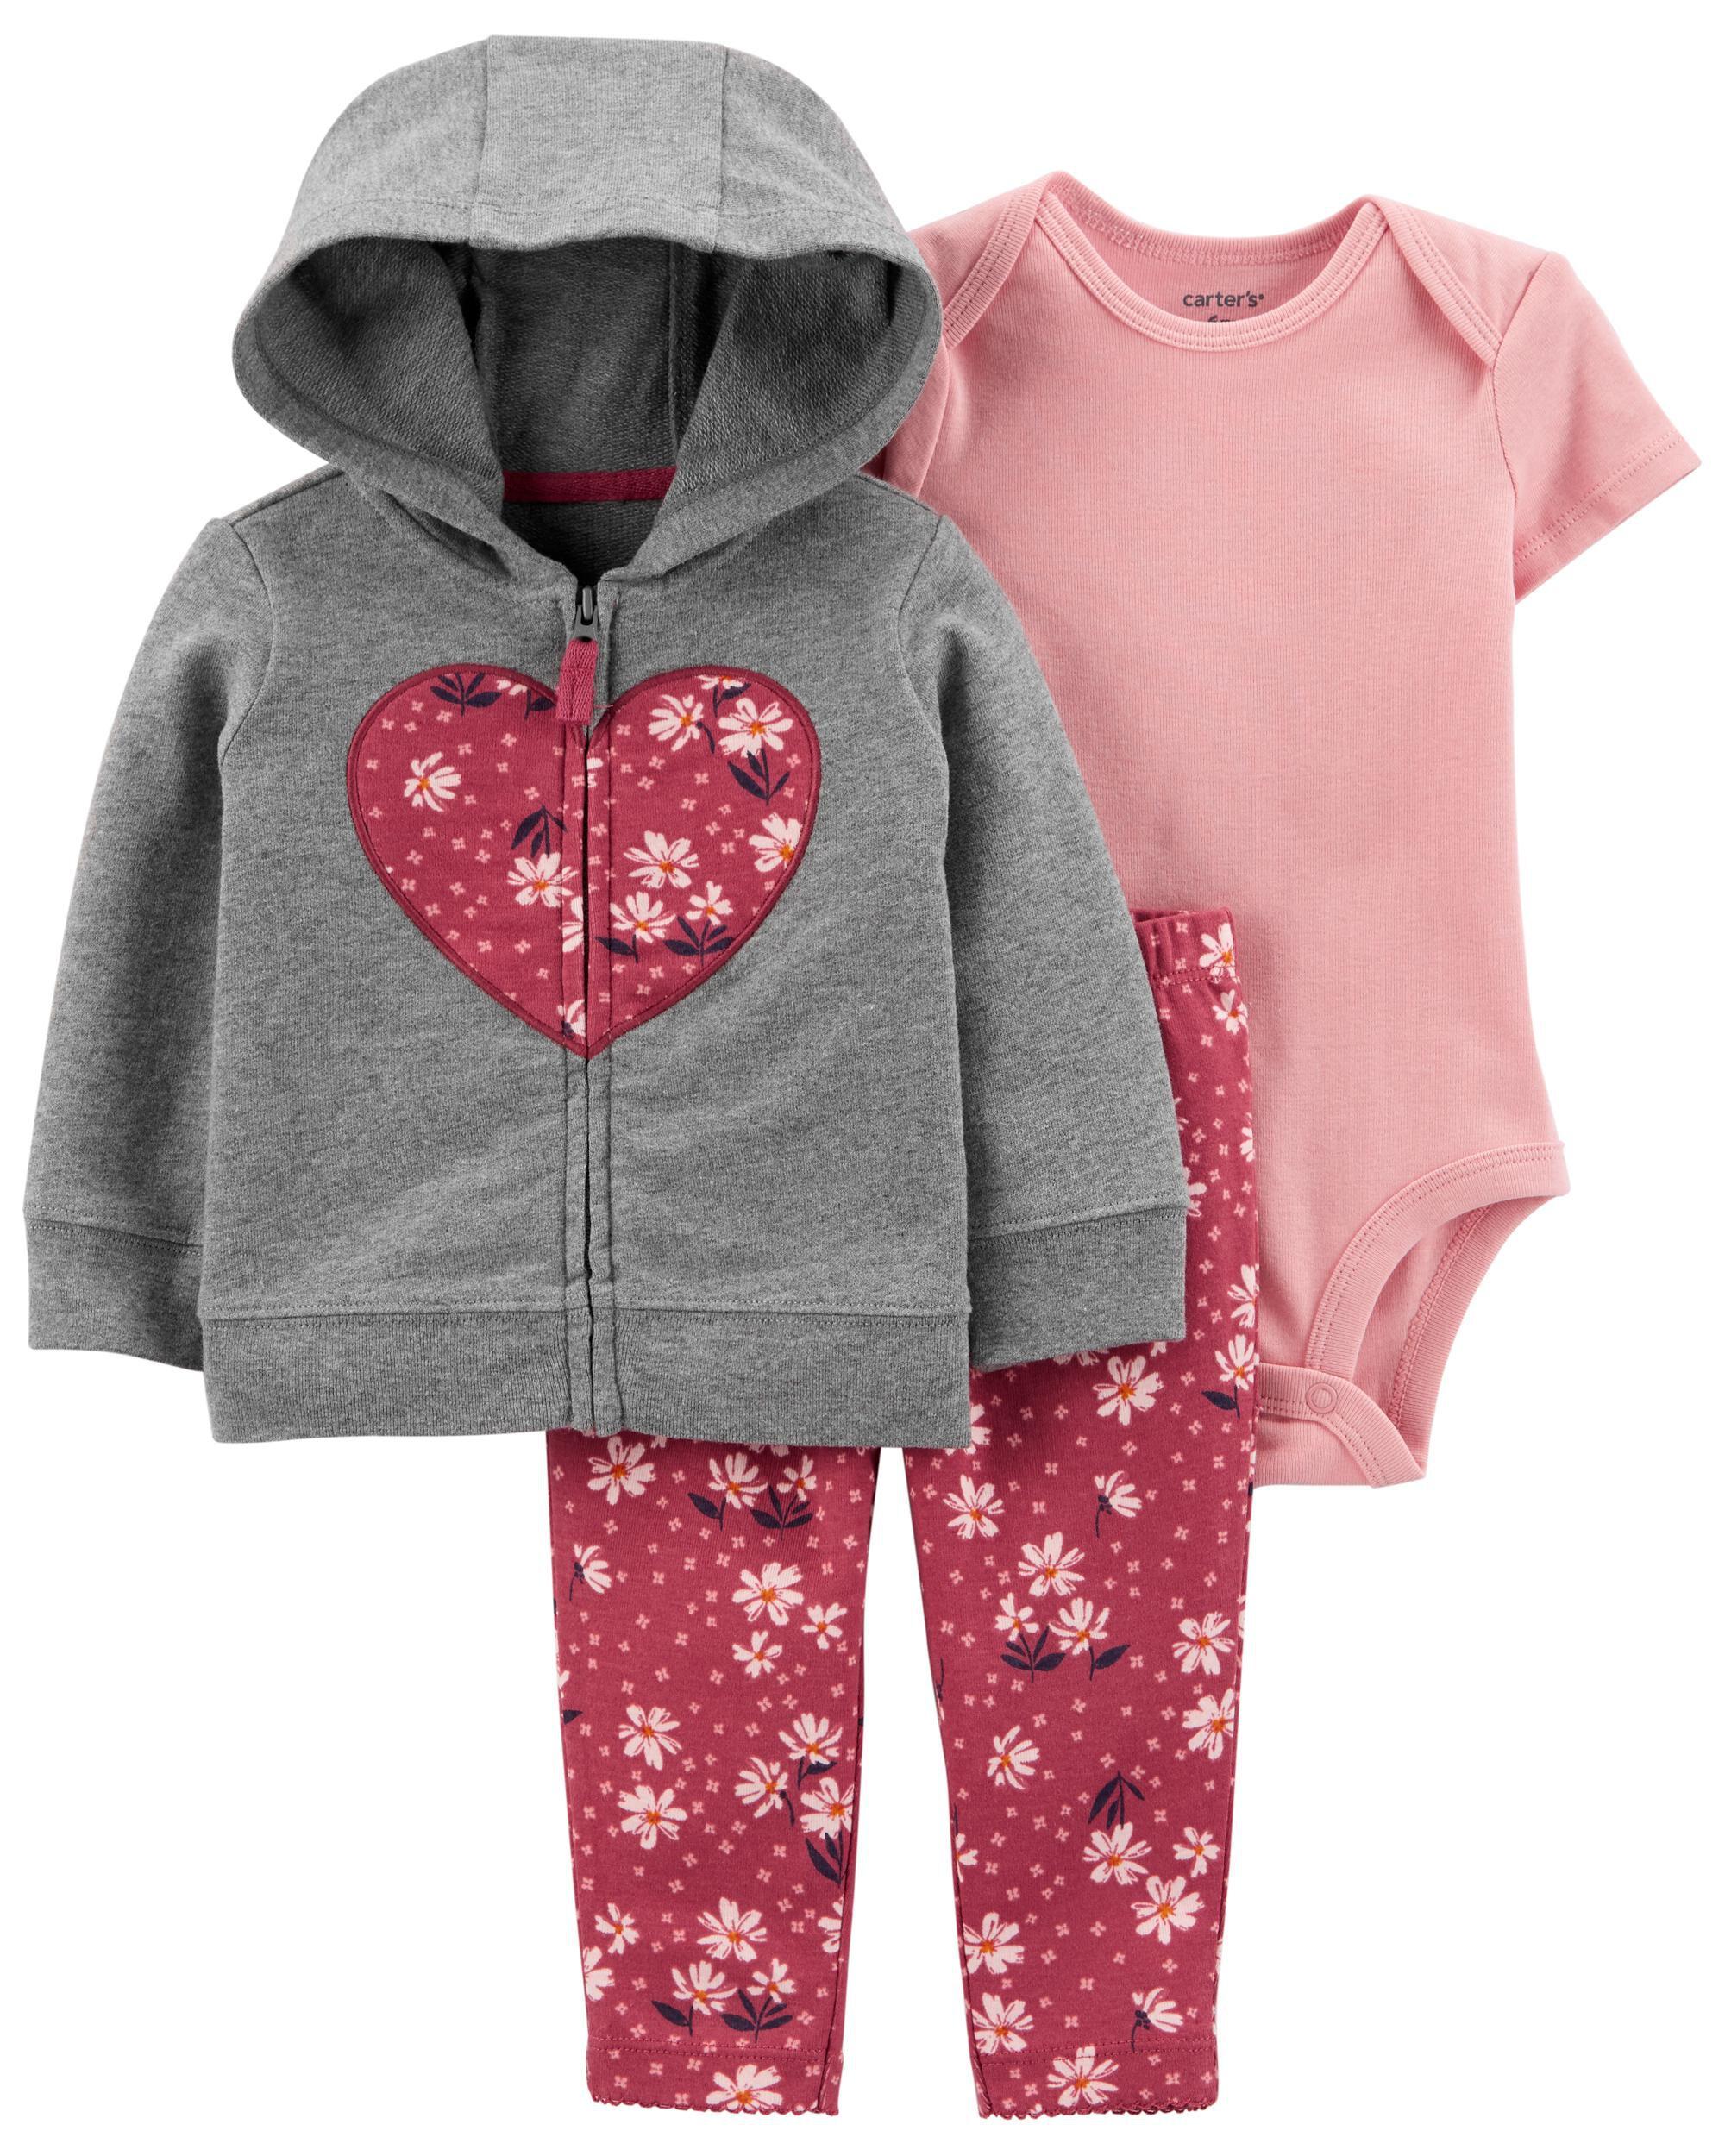 Carters 3-Piece Floral Little Jacket Set